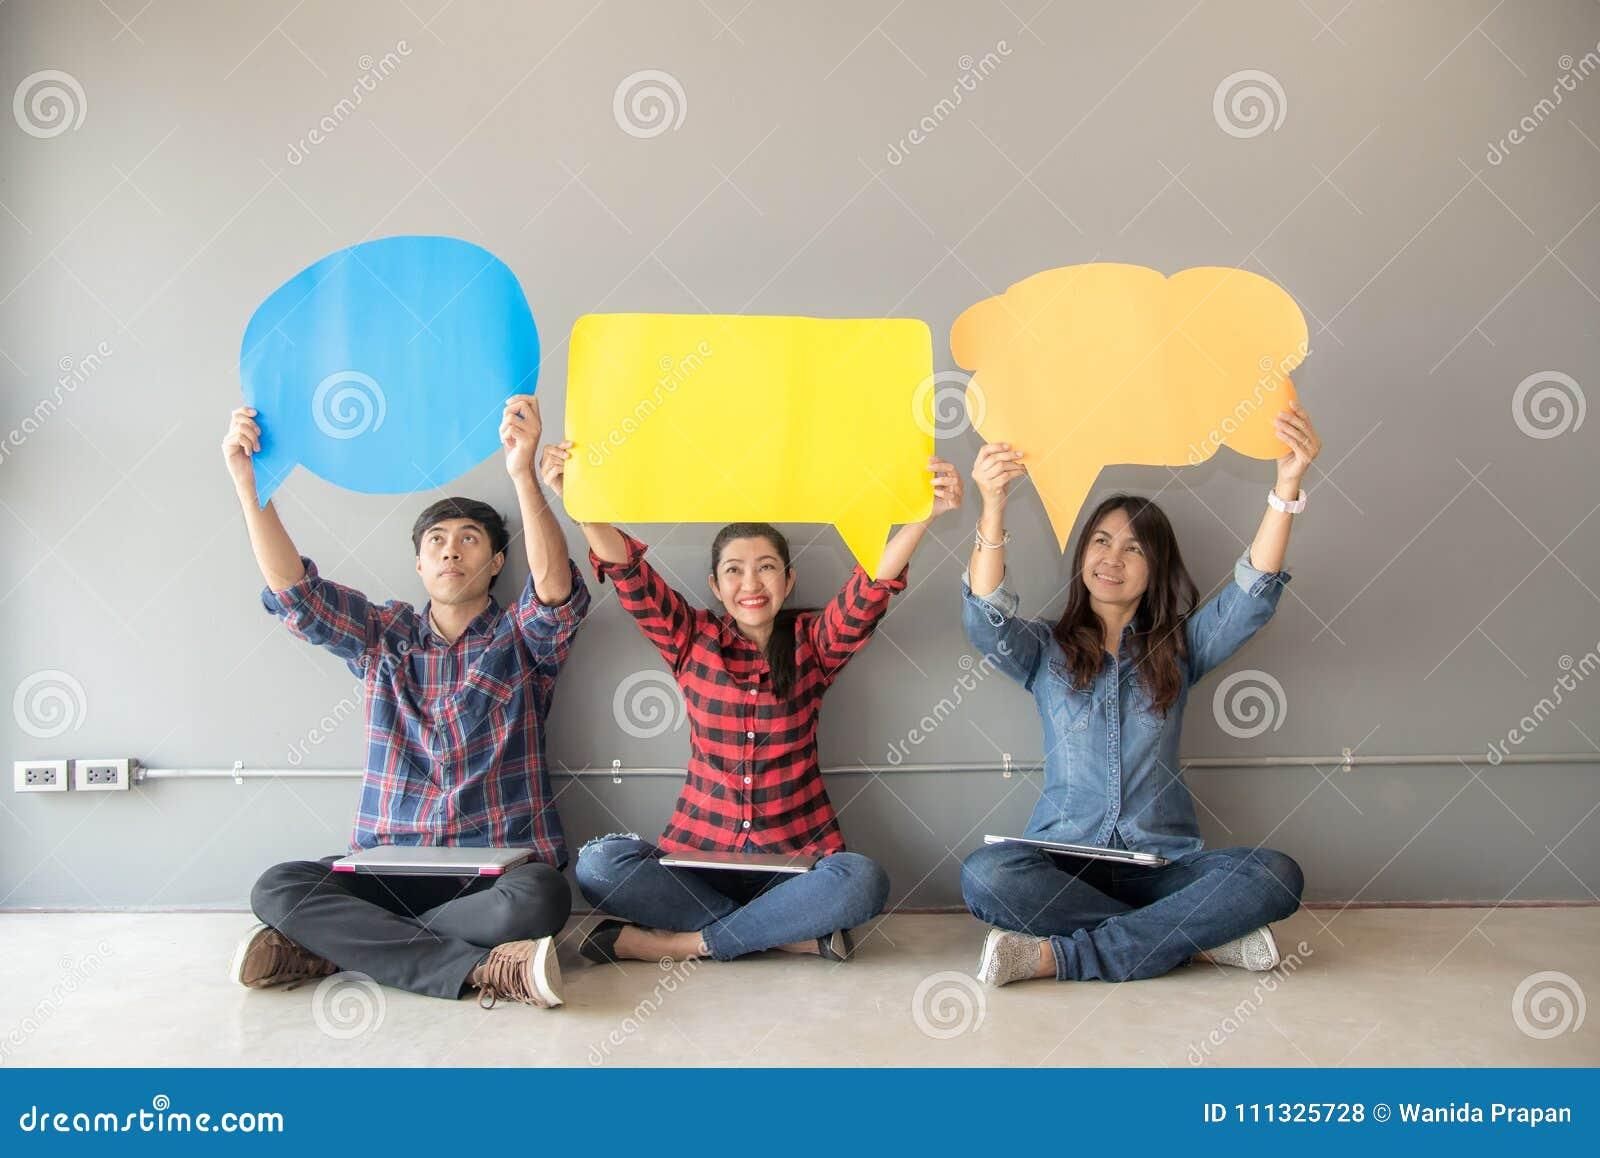 Folkasiatet av ungt och vuxet folk granskar symbolen för bedömninganalysåterkoppling